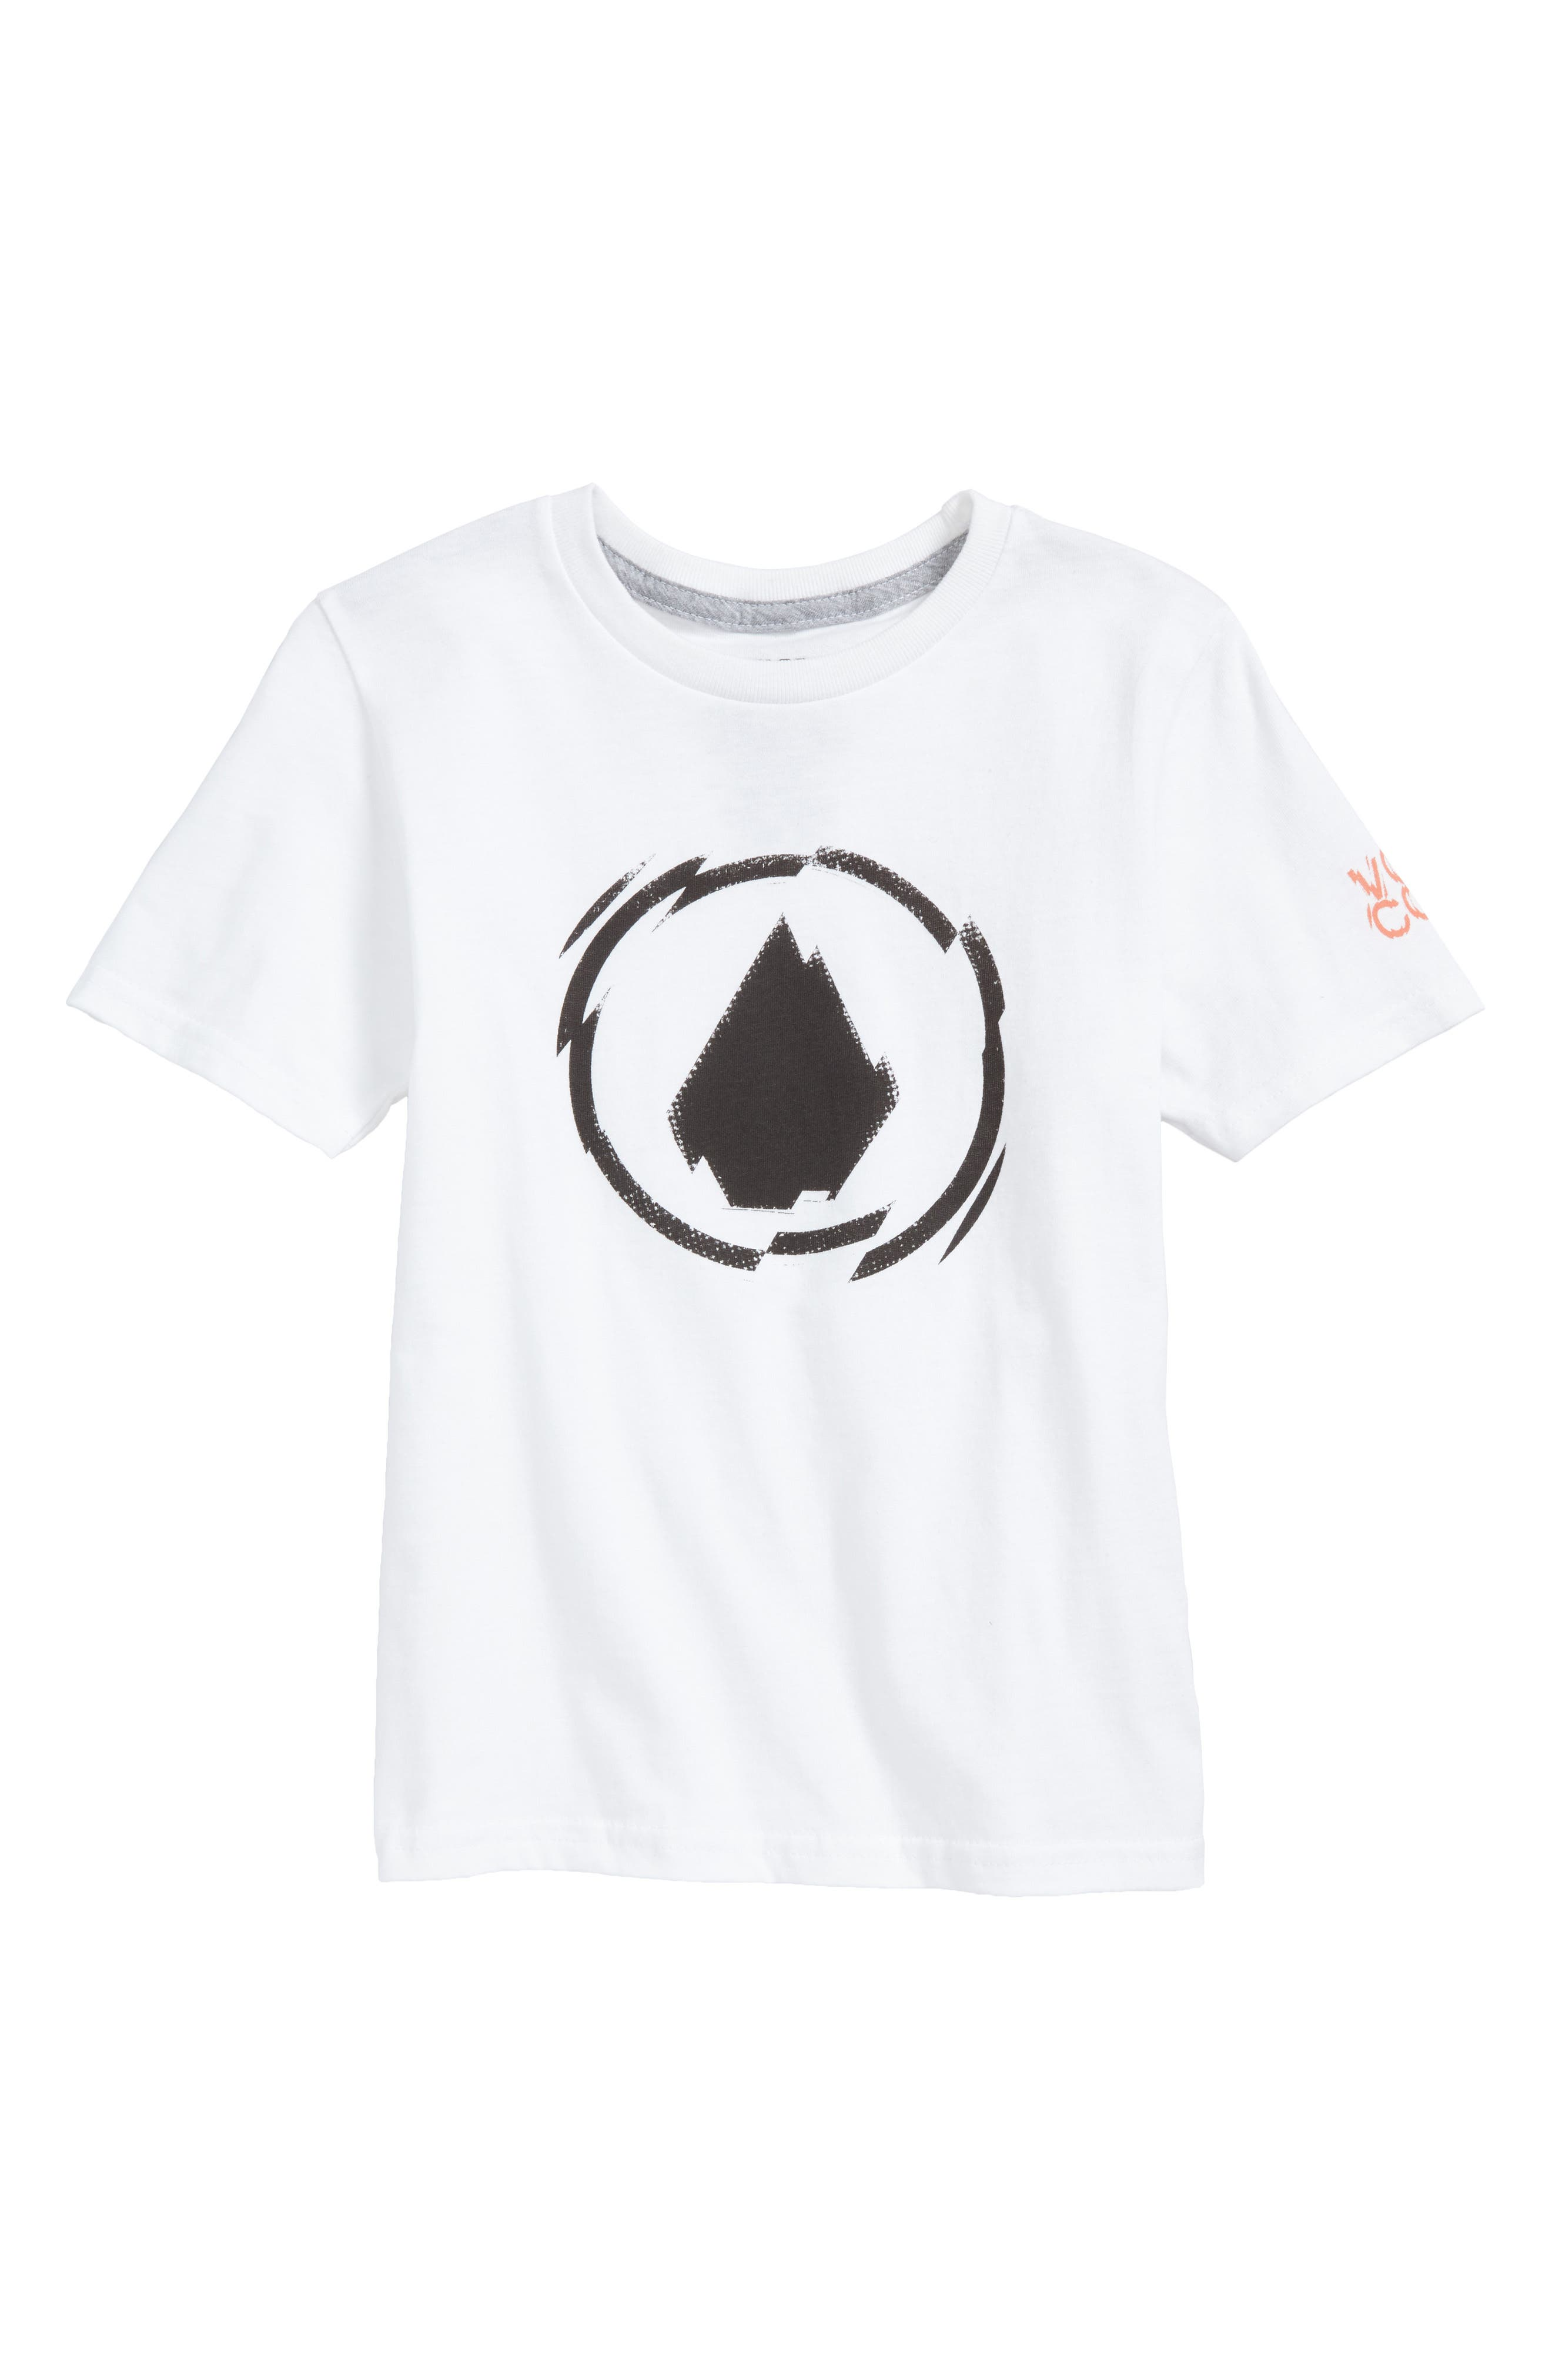 Alternate Image 1 Selected - Volcom Shatter T-Shirt (Toddler Boys & Little Boys)